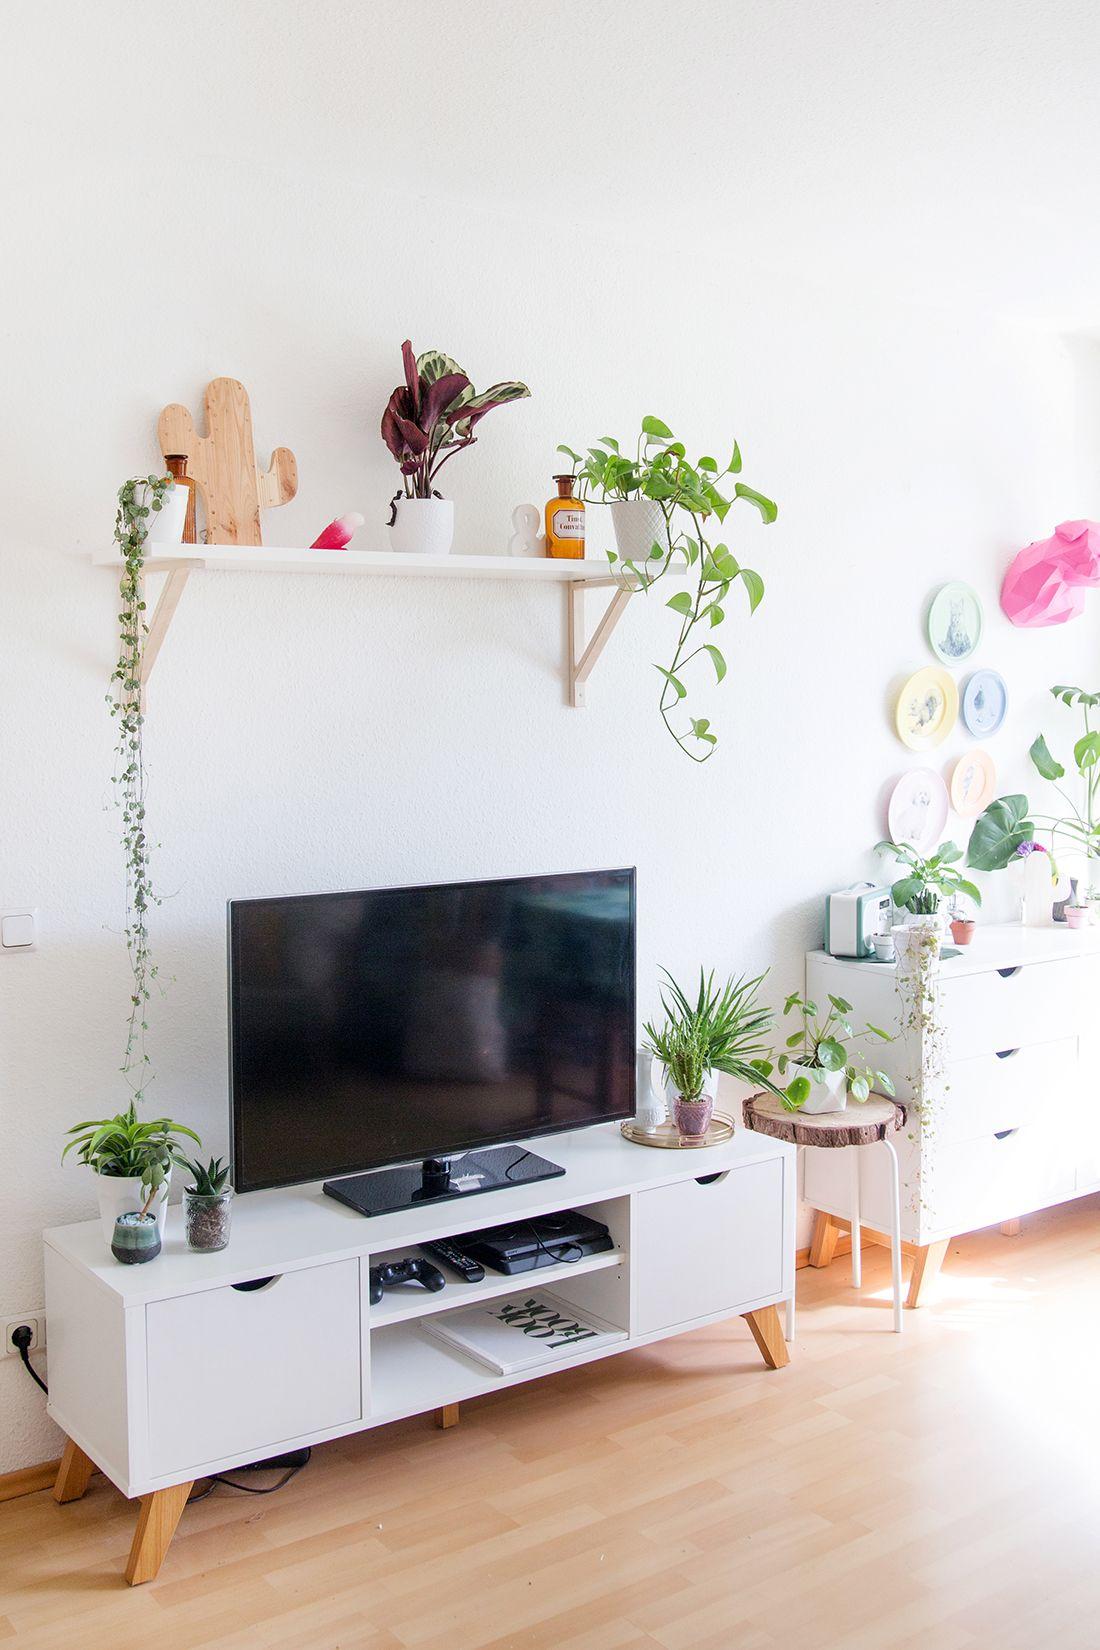 Wohnzimmer Umstyling mit viel DIY Deko | Apartments, Living rooms ...